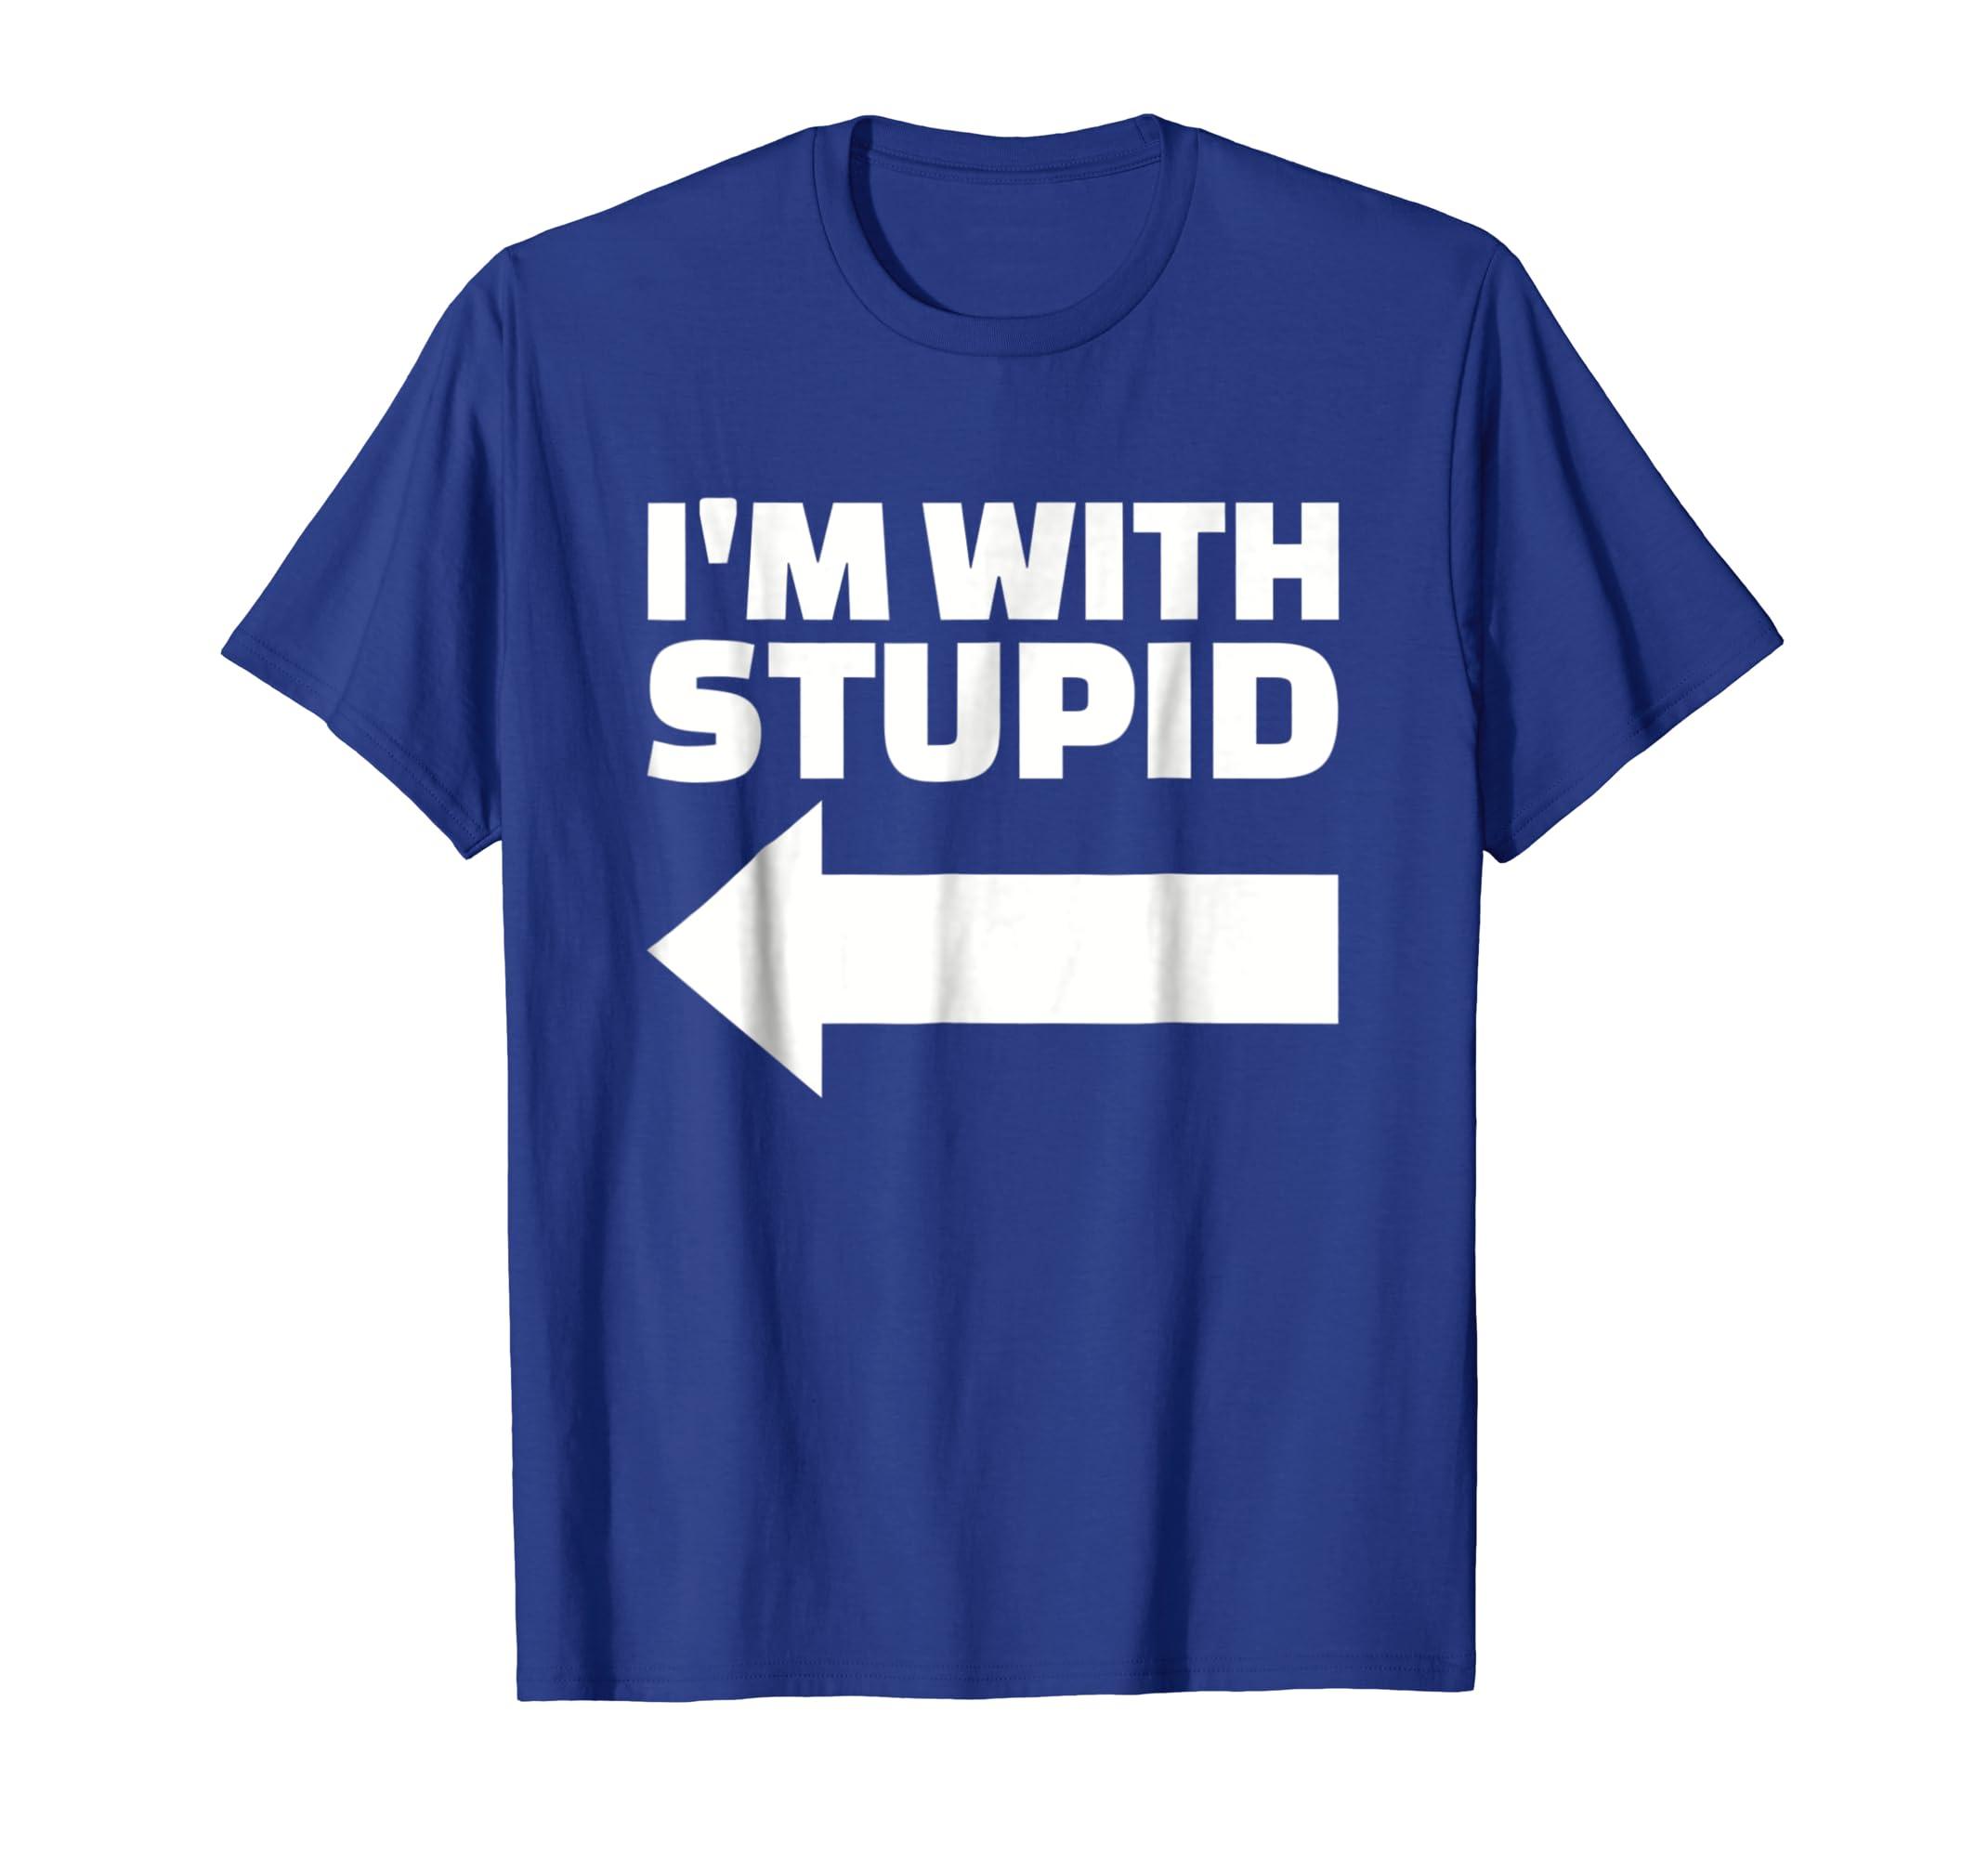 6c3aa203c Amazon.com: I'm with stupid T-Shirt: Clothing